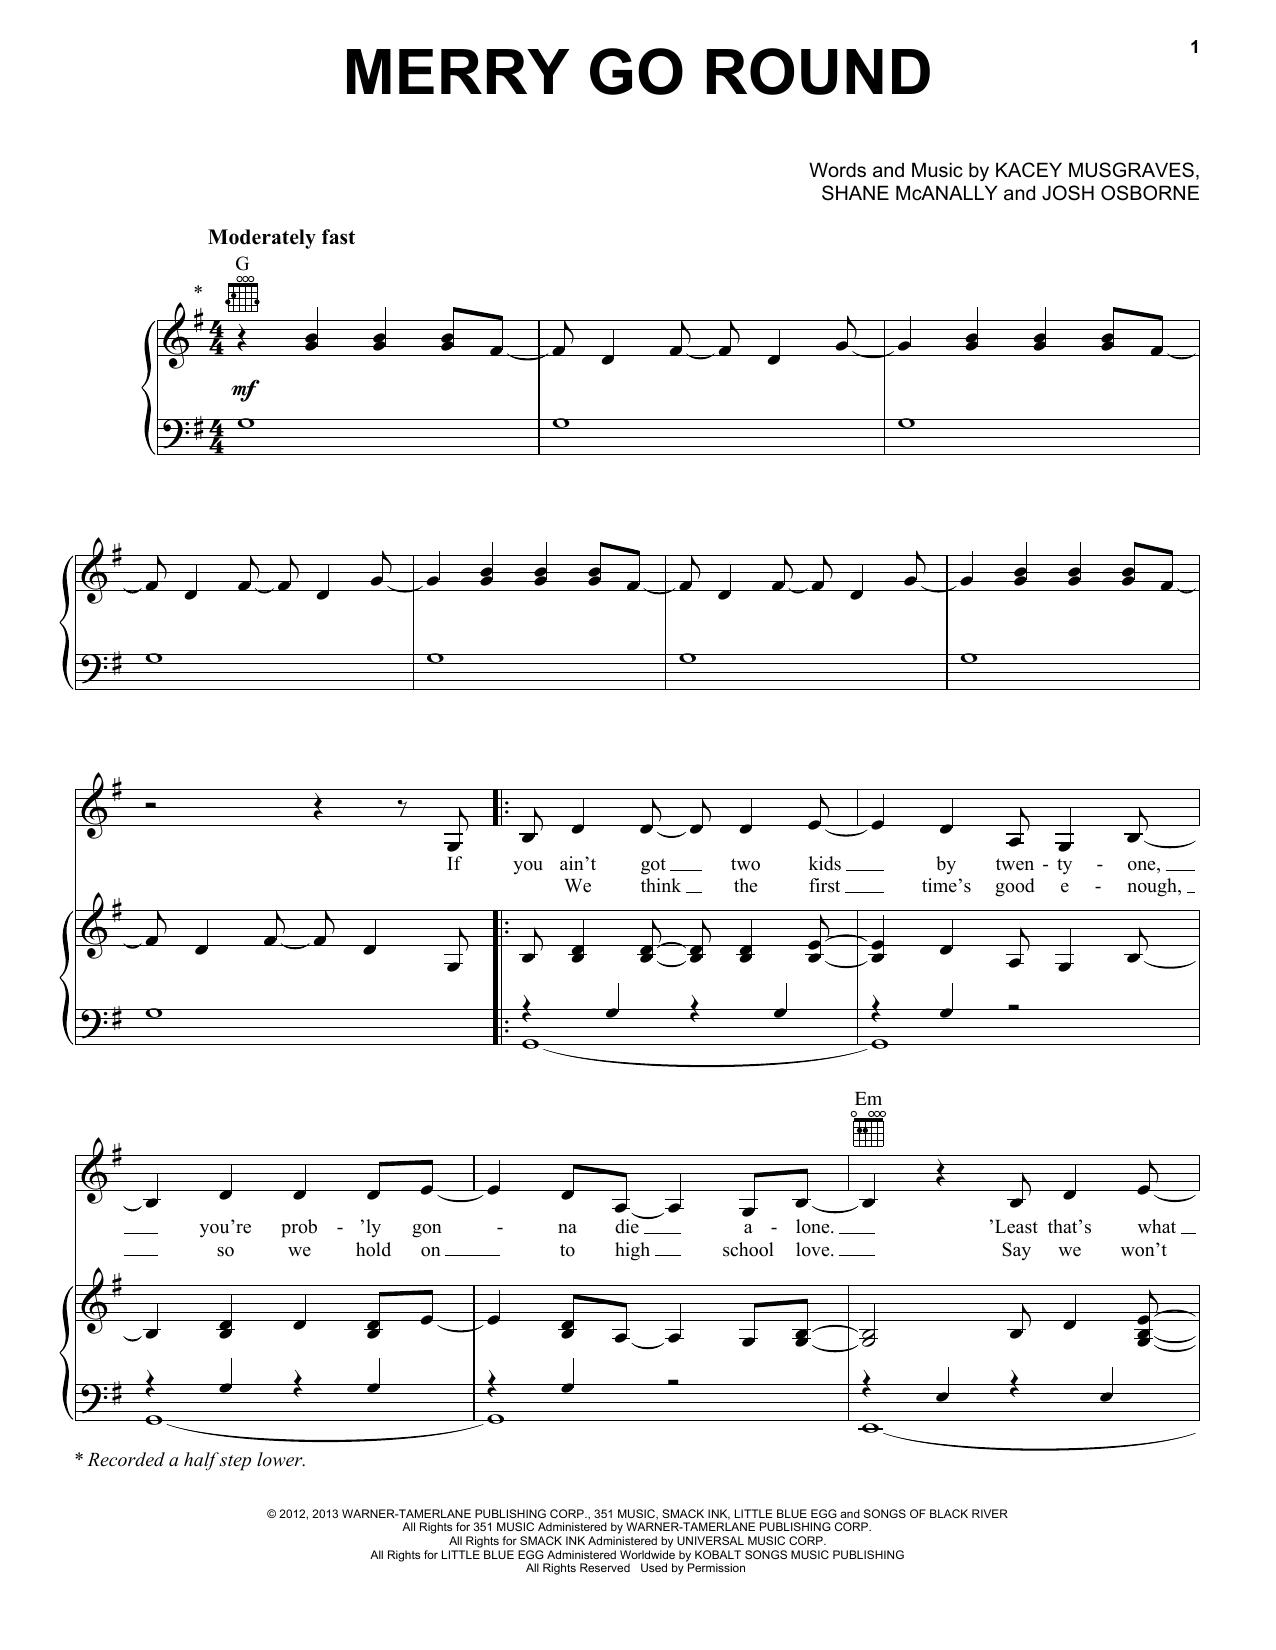 China princess rihanna lyrics